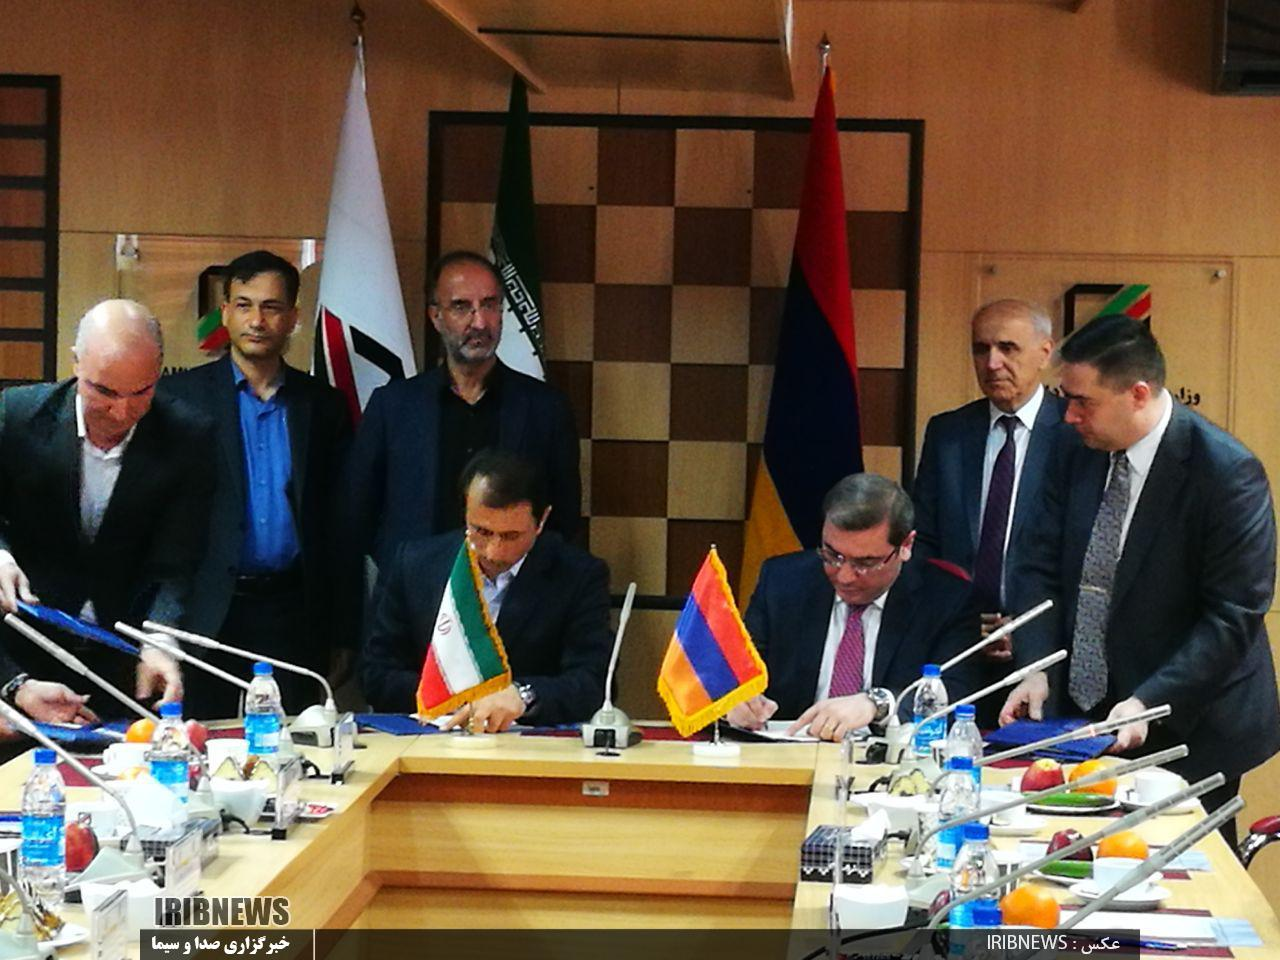 امضای یادداشت تفاهم تبادل ارزش گمرکی با ارمنستان - 13